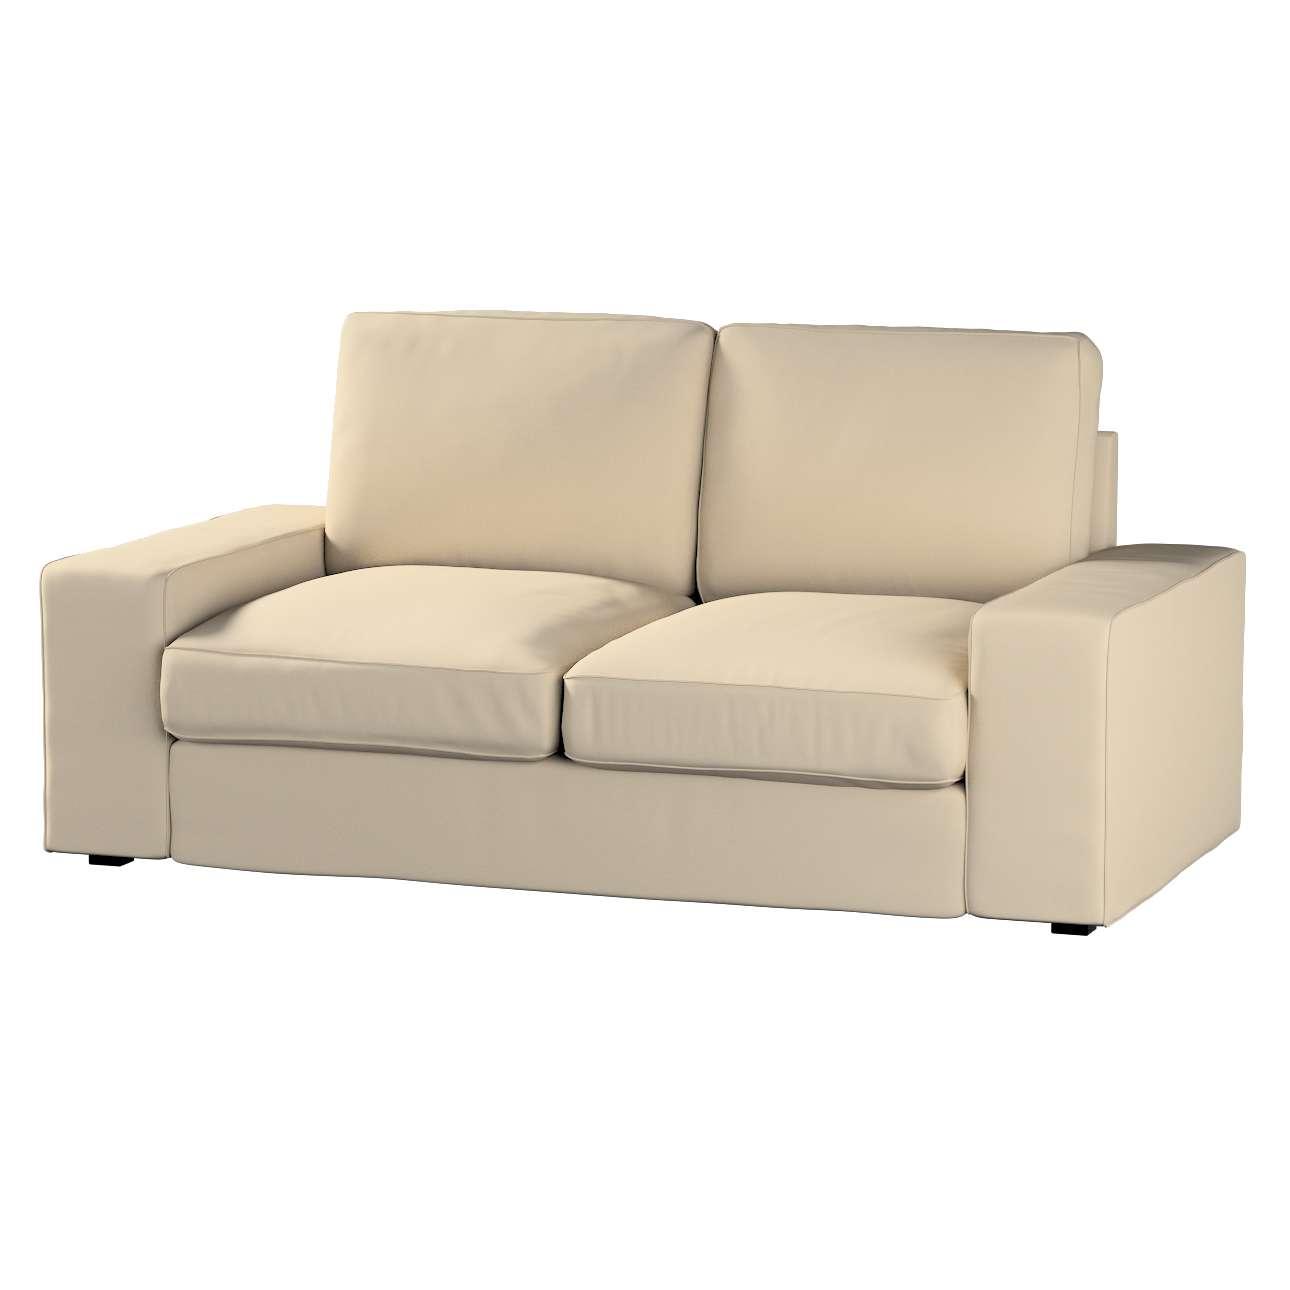 KIVIK dvivietės sofos užvalkalas Kivik 2-seat sofa kolekcijoje Cotton Panama, audinys: 702-01